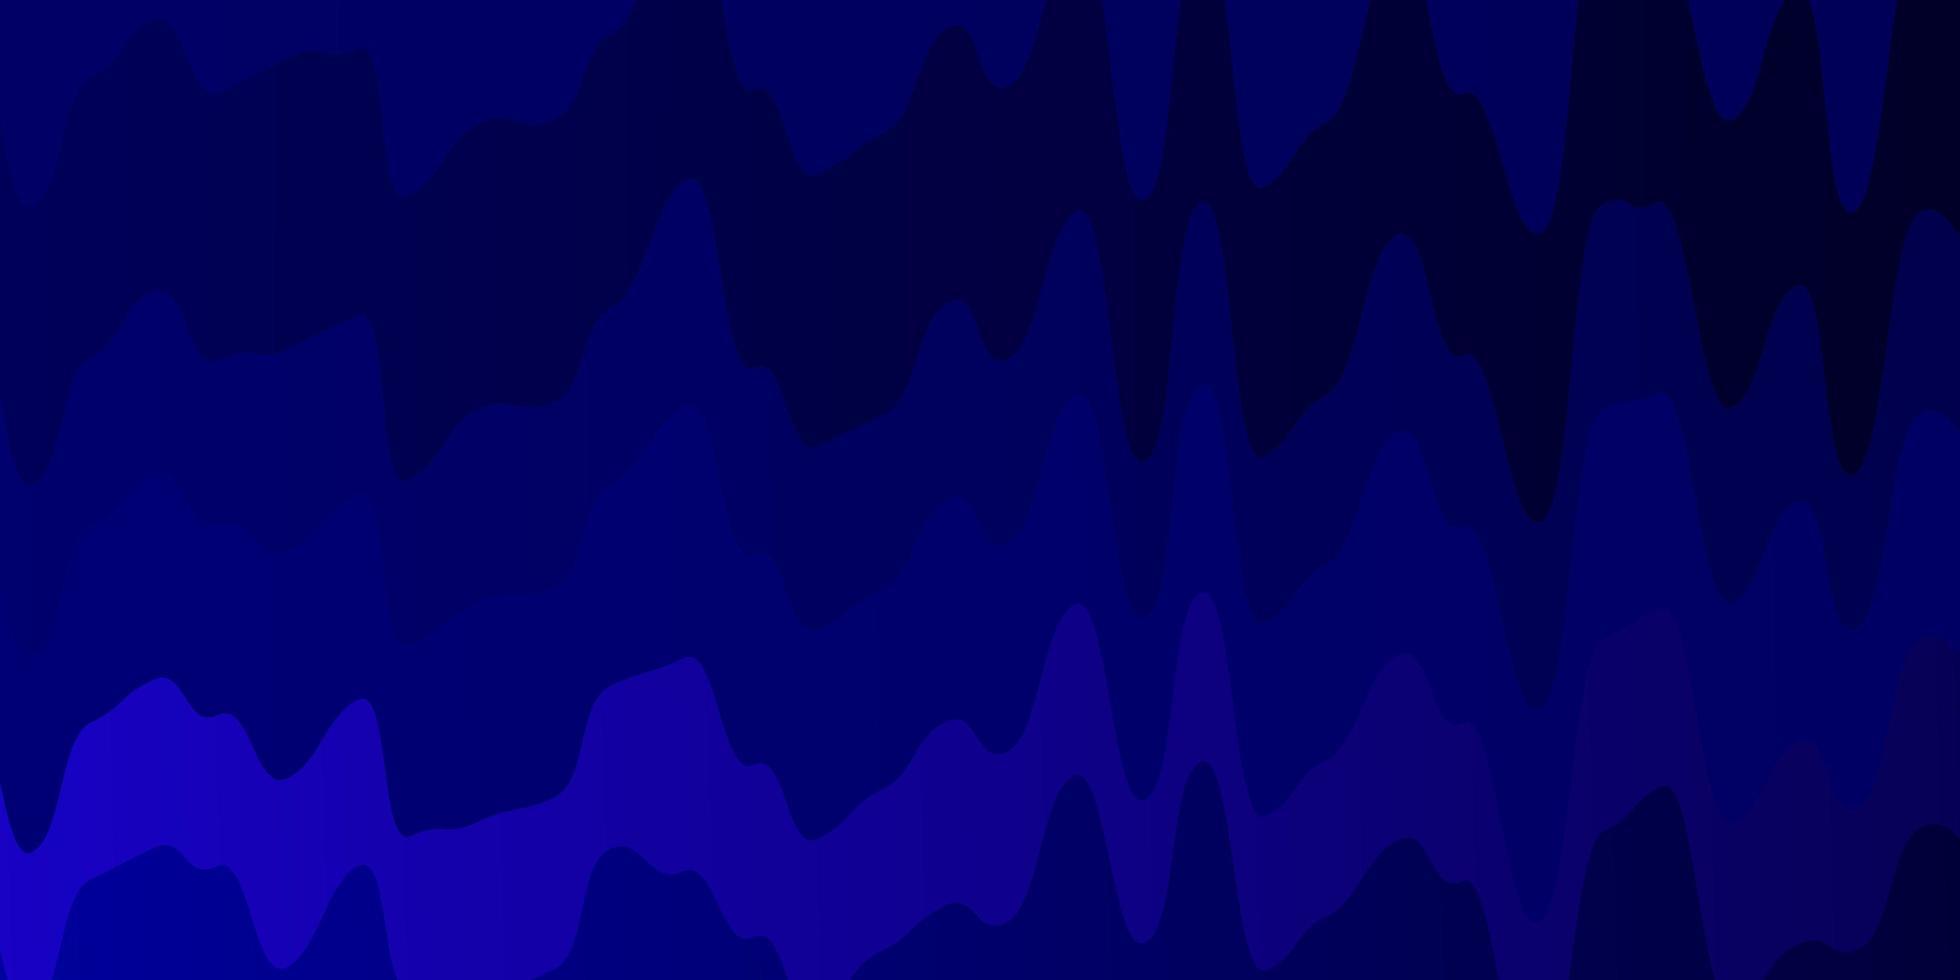 mörkrosa, blå vektormall med böjda linjer. vektor